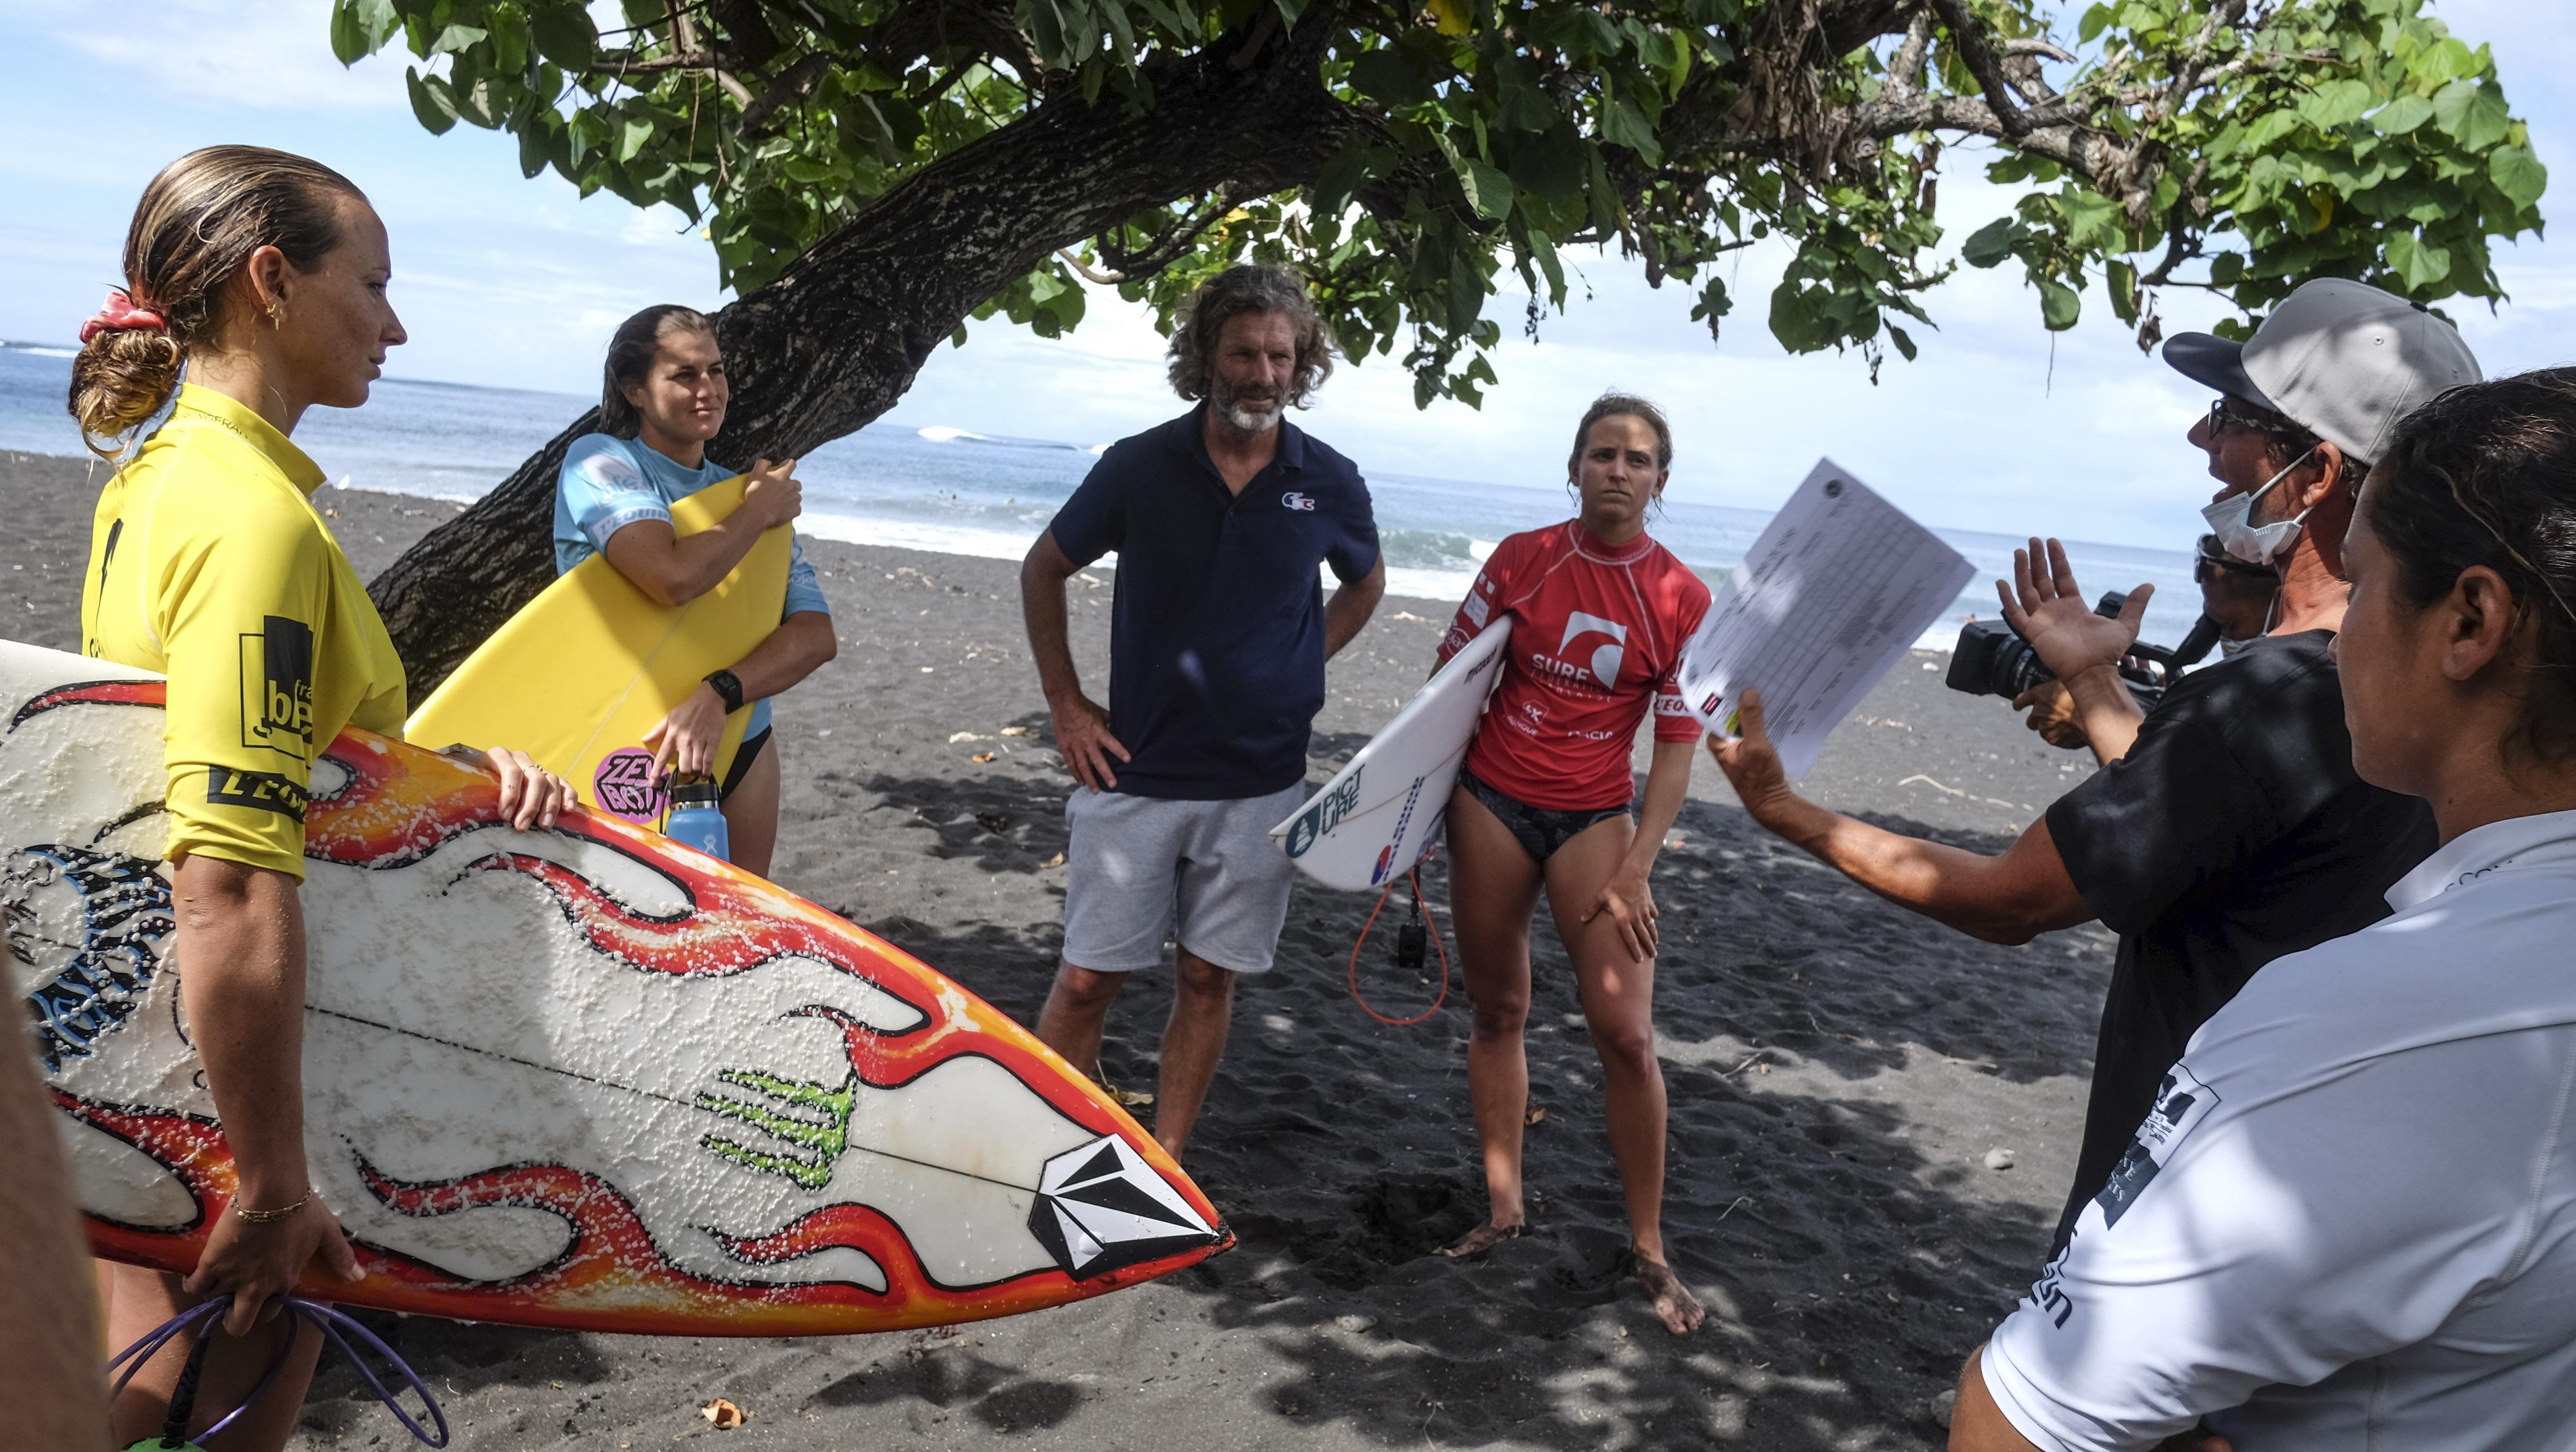 Le débrief des séries avec Stéphane Corbinien, directeur de la performance de la Fédération française de surf, et Hira Teriinatoofa, entraineur olympique de l'équipe de France.